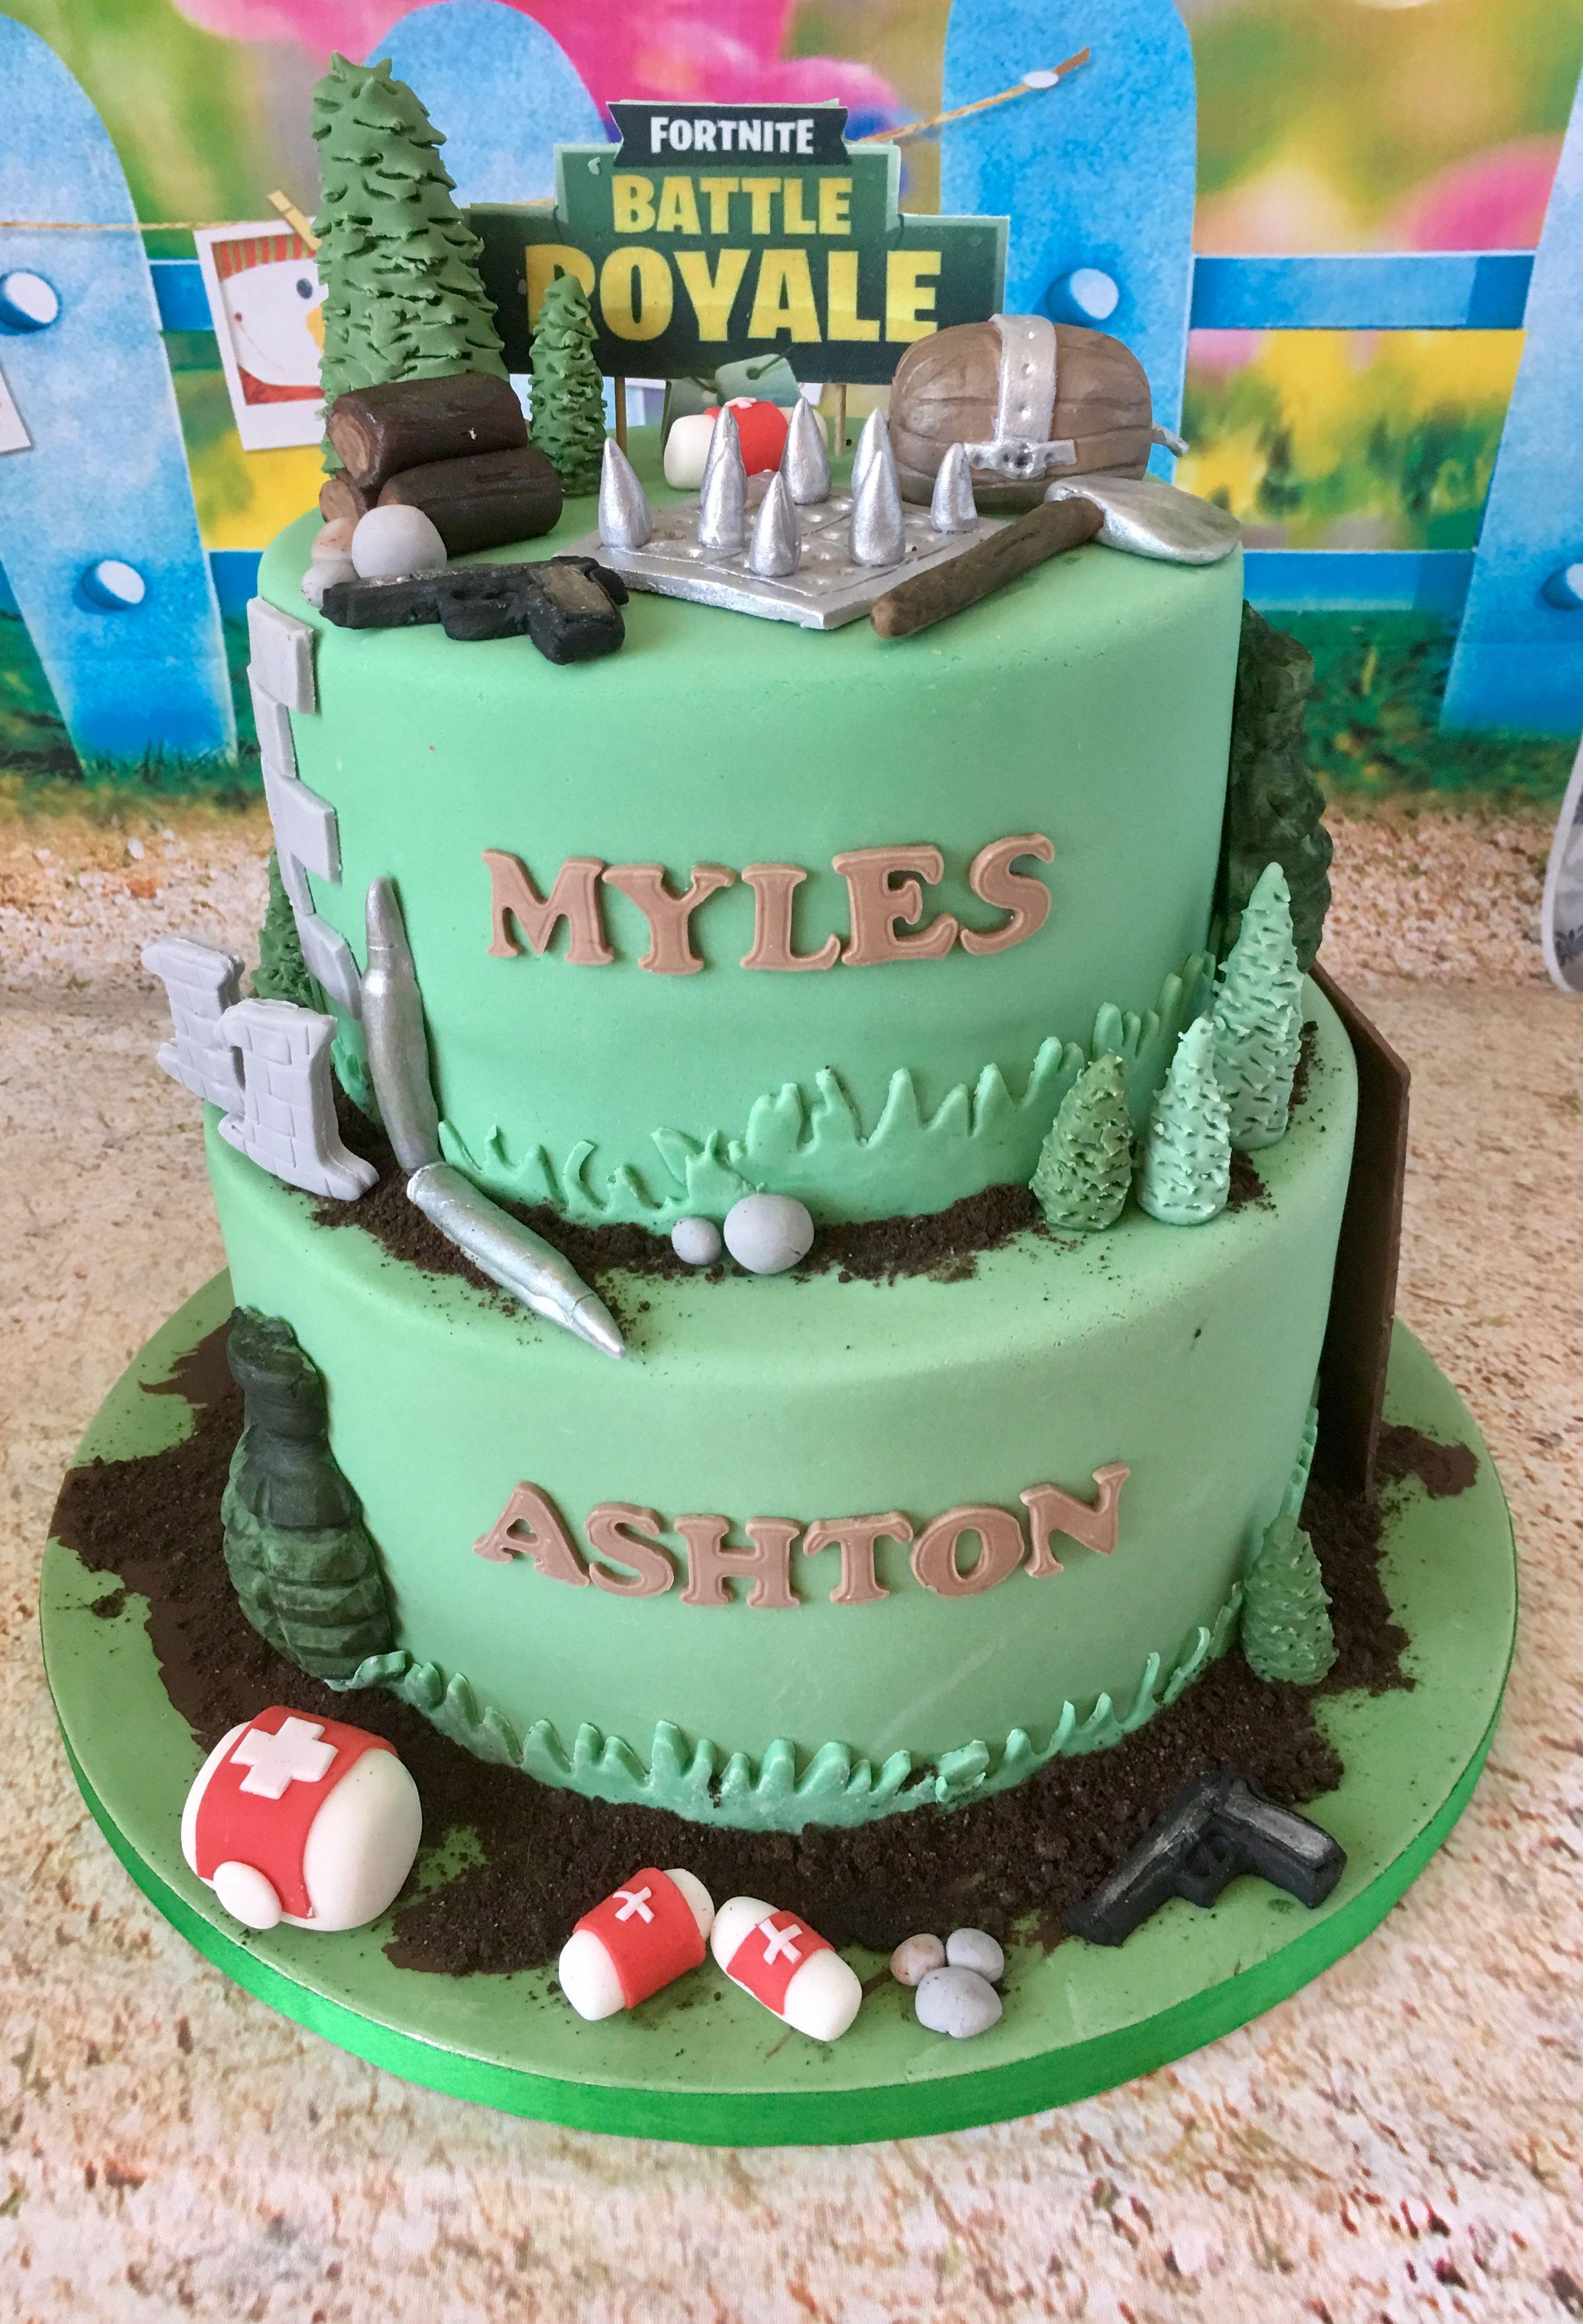 Fortnight Themed Birthday Cake